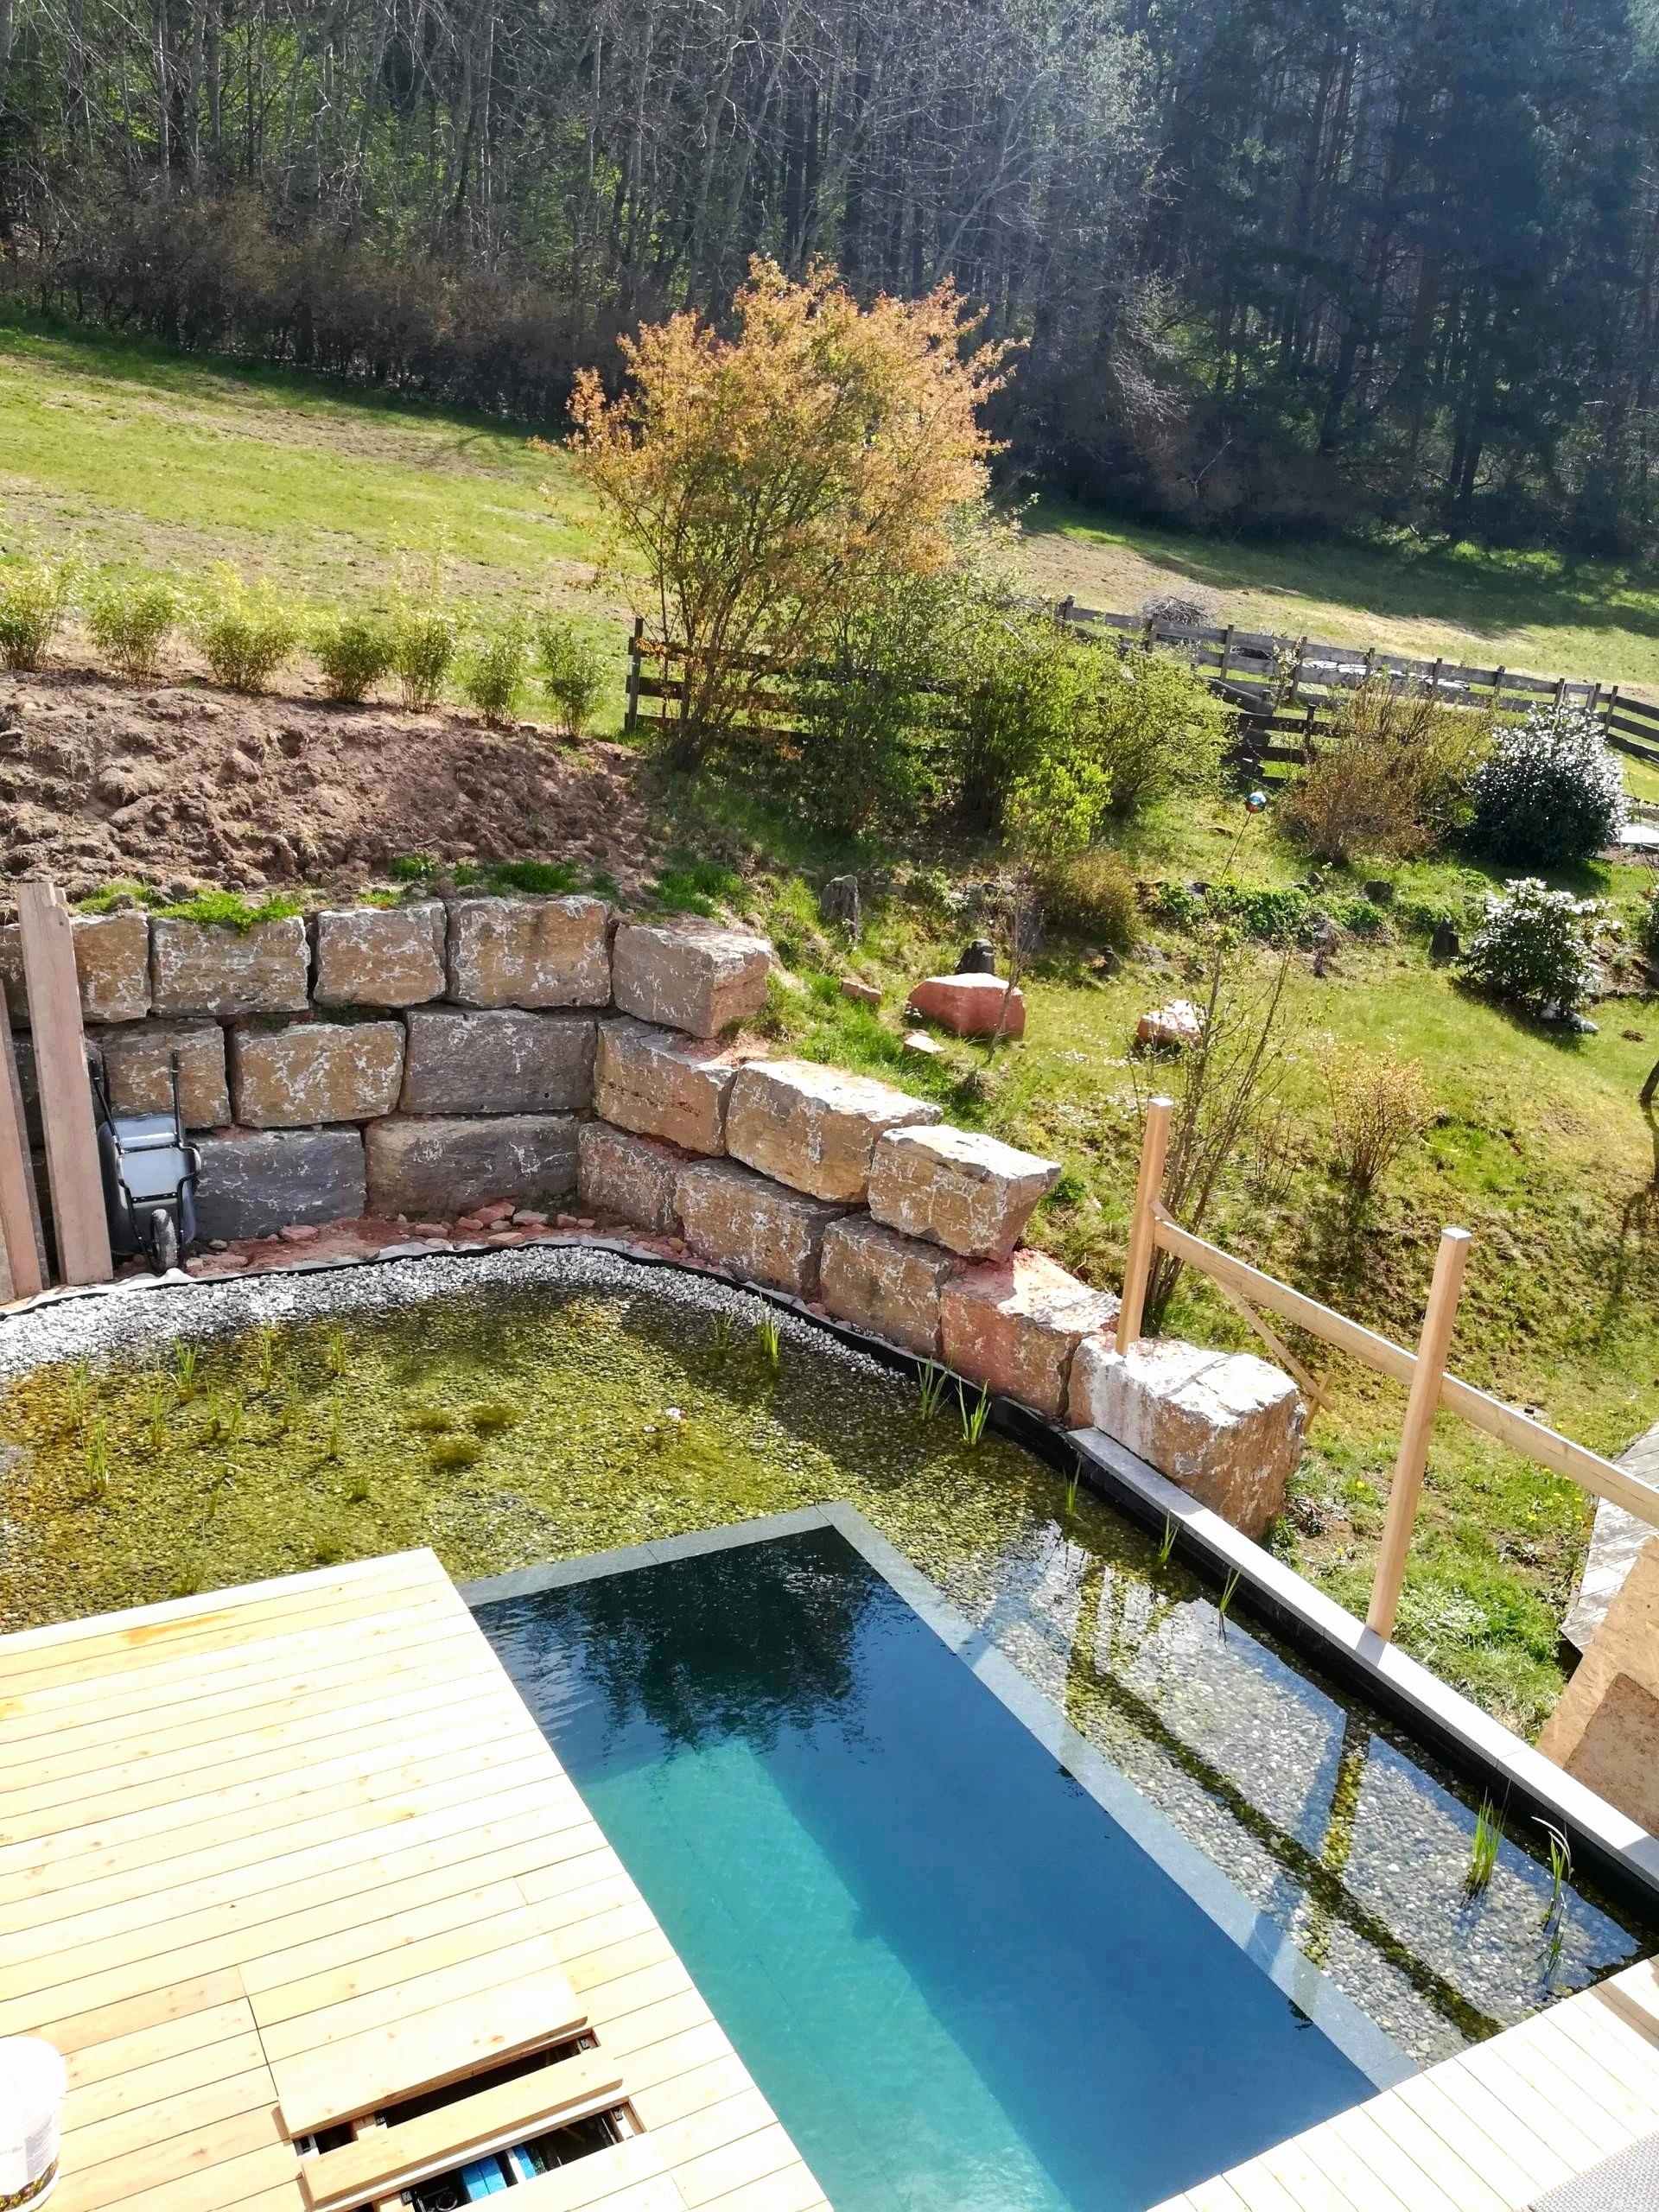 terrasse bois piscine hors sol nouveau impressionnant voir piscine hors sol dans terrasse bois piscine hors of terrasse bois piscine hors sol